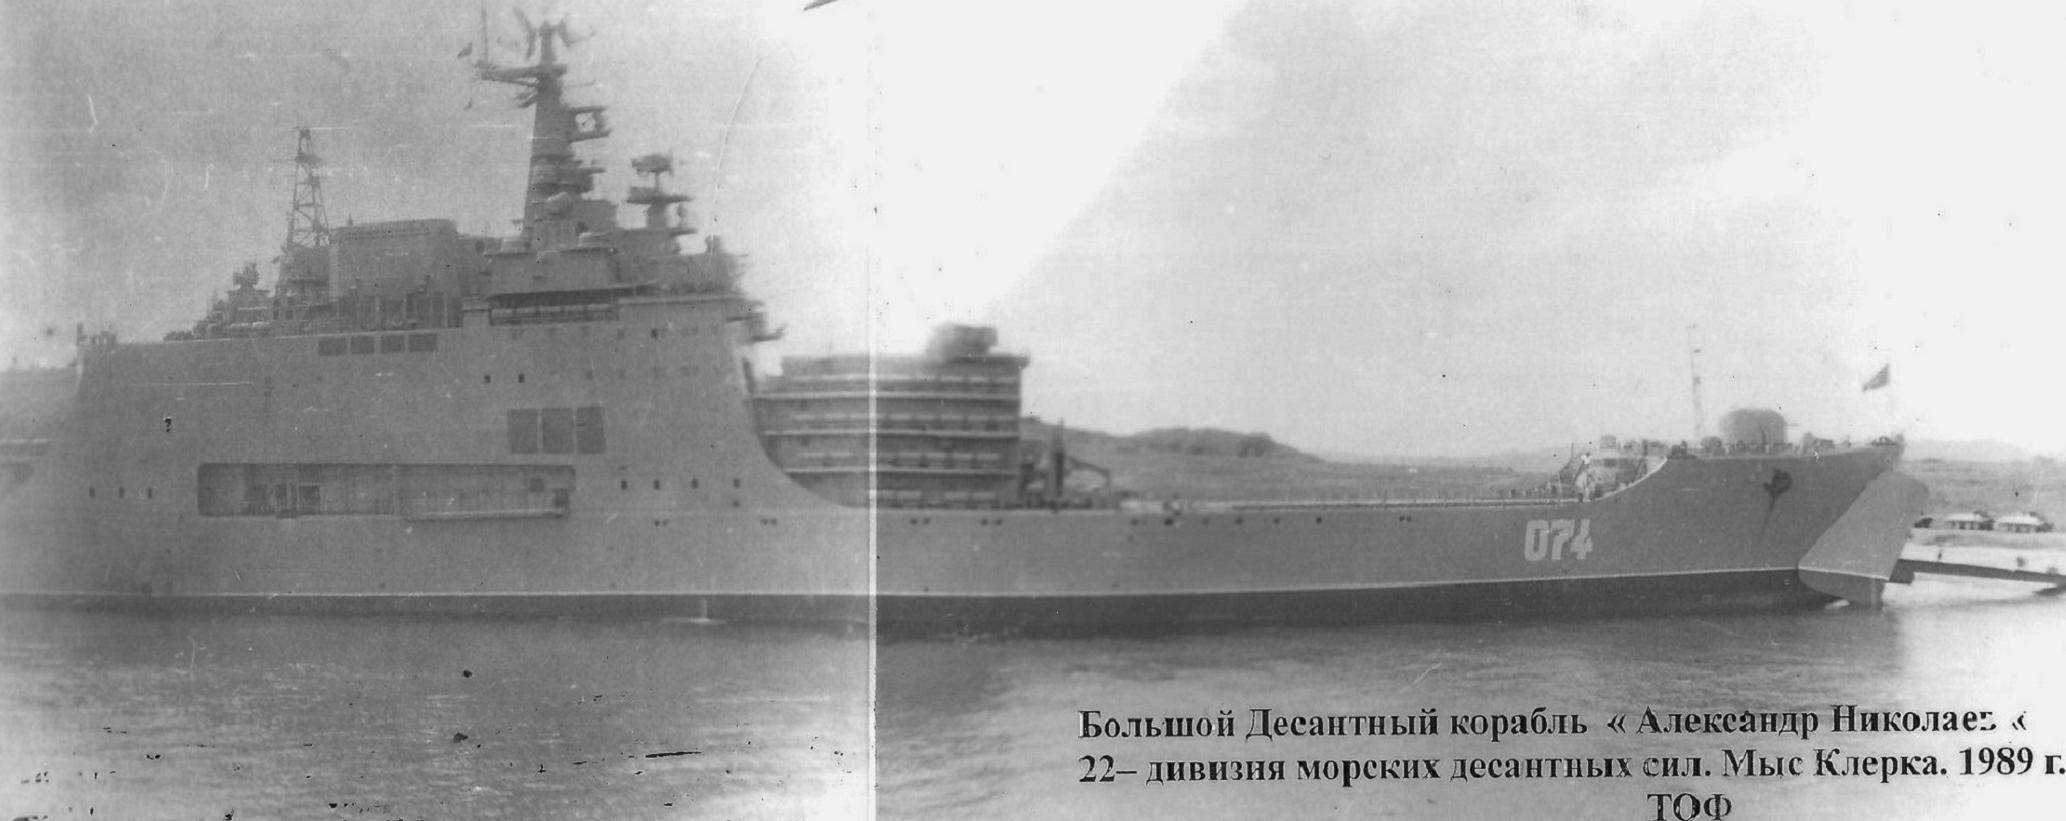 Александр Николаев.jpg